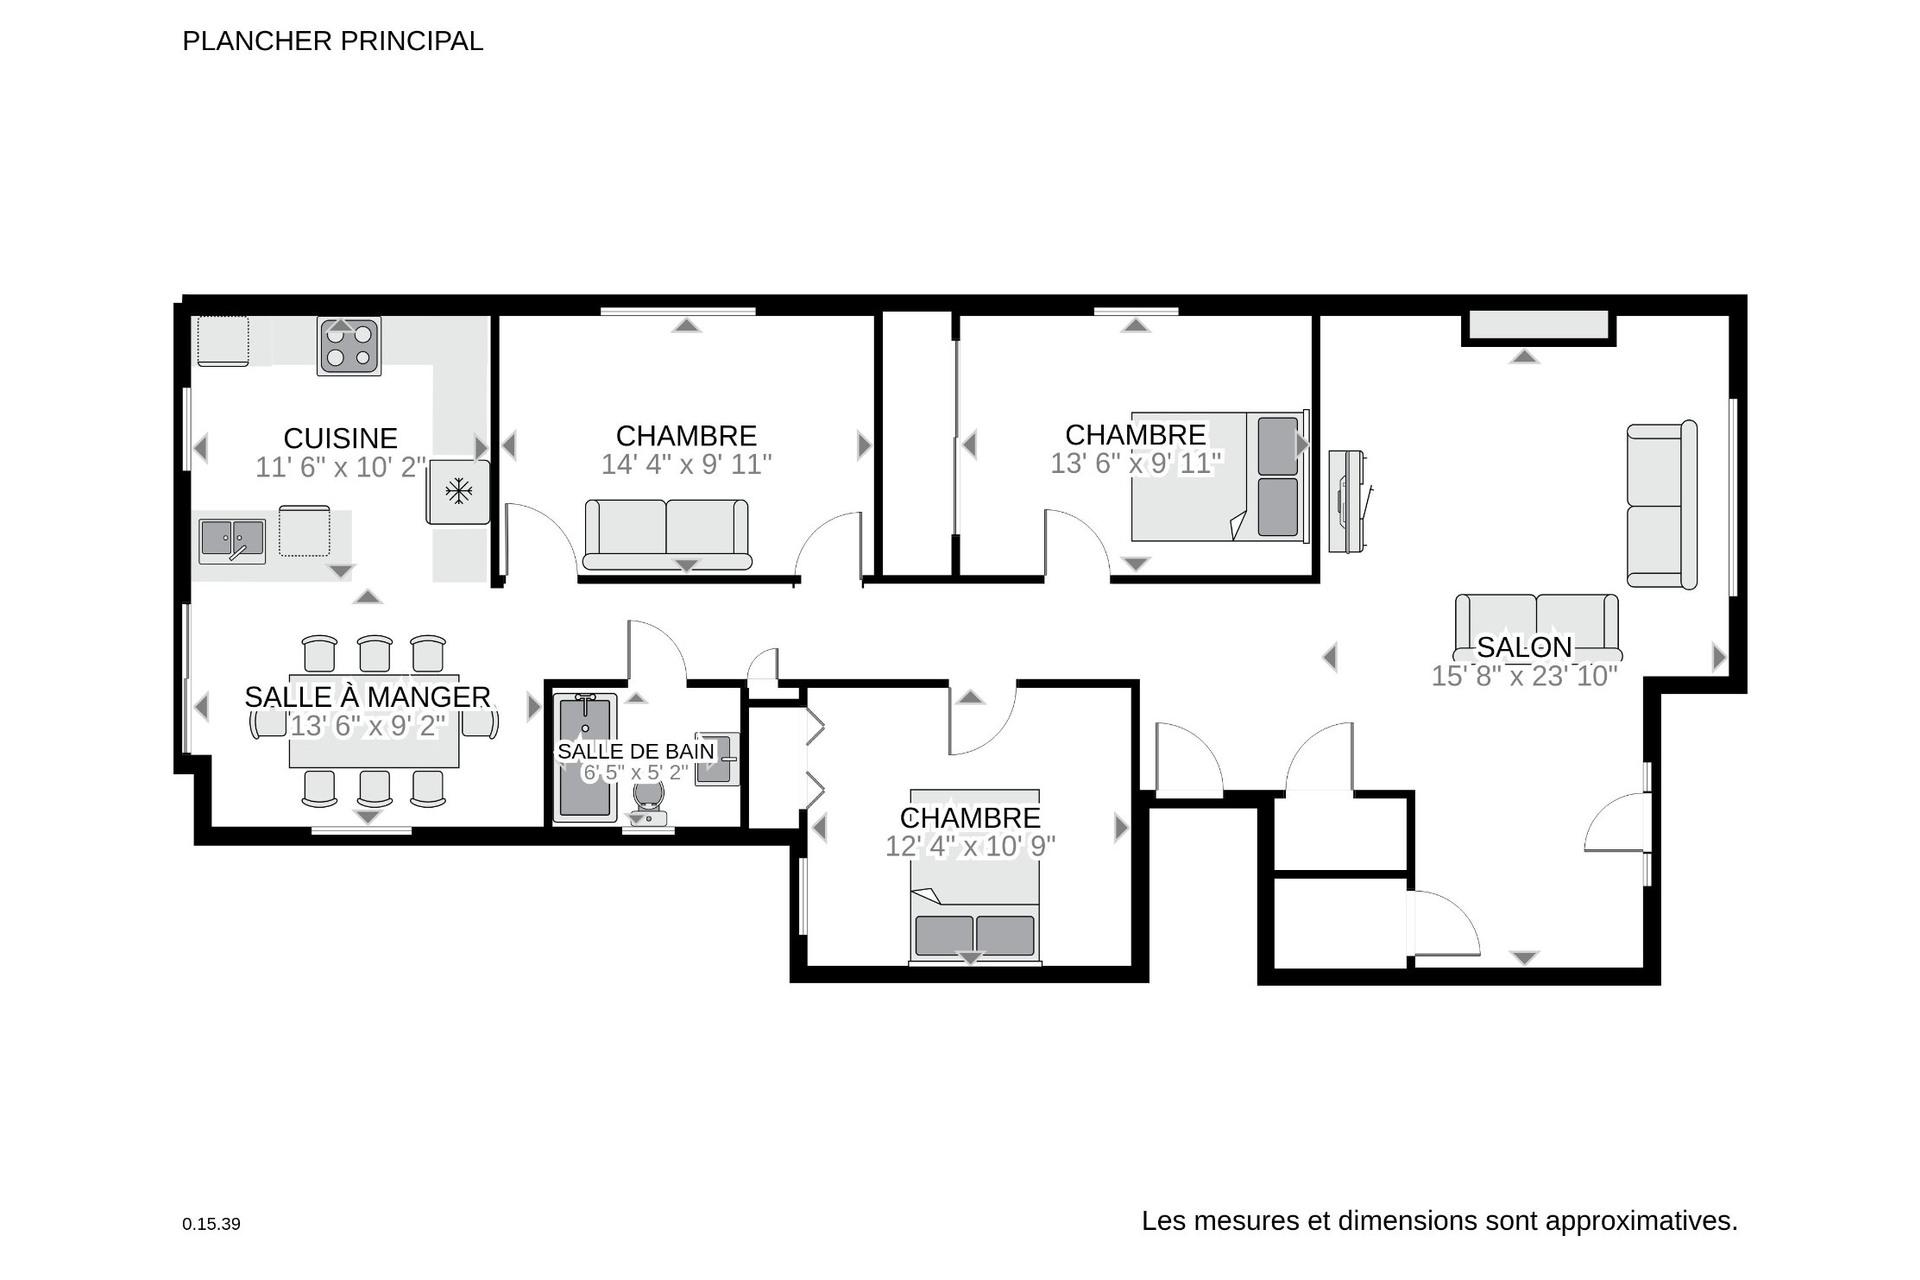 image 22 - Appartement À vendre Côte-des-Neiges/Notre-Dame-de-Grâce Montréal  - 7 pièces